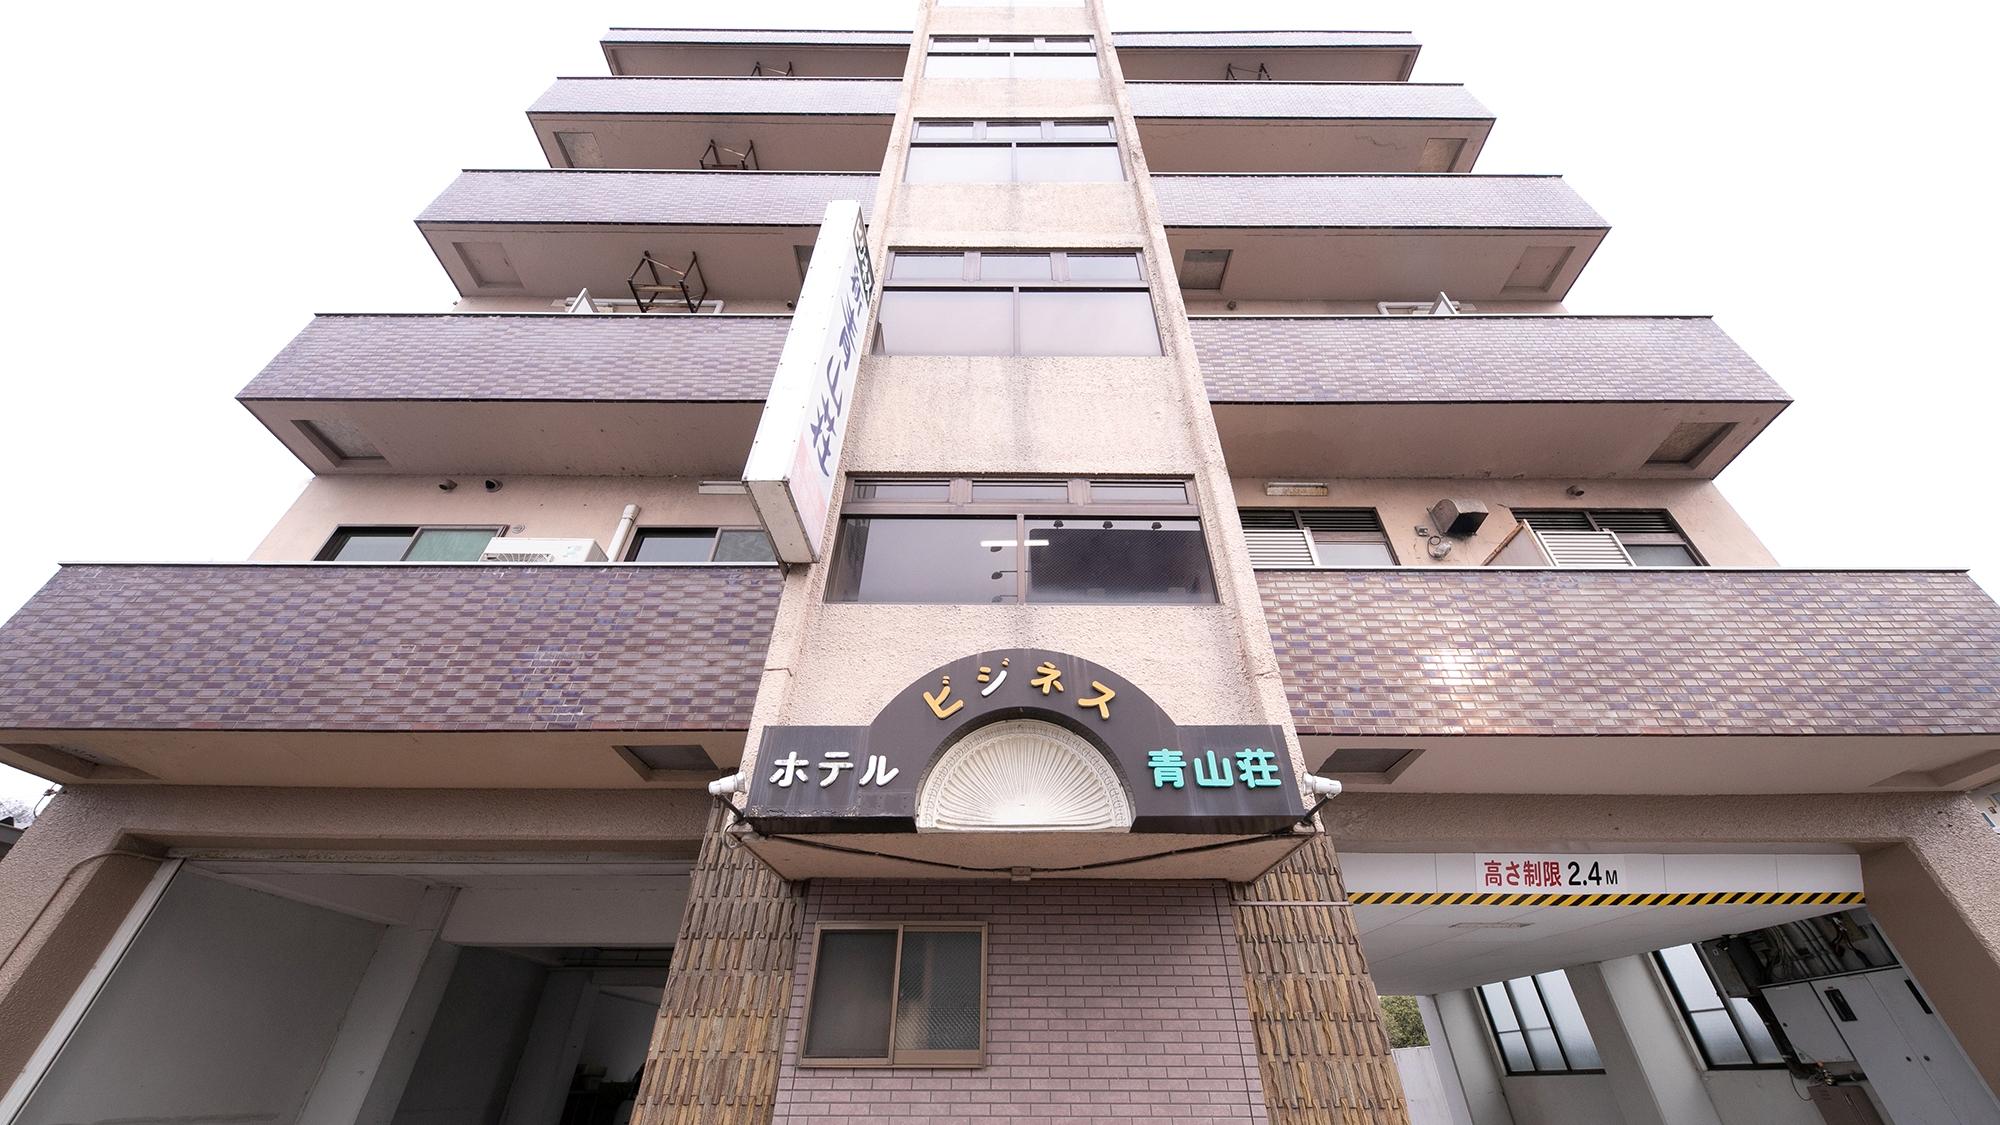 山鹿温泉 新青山荘